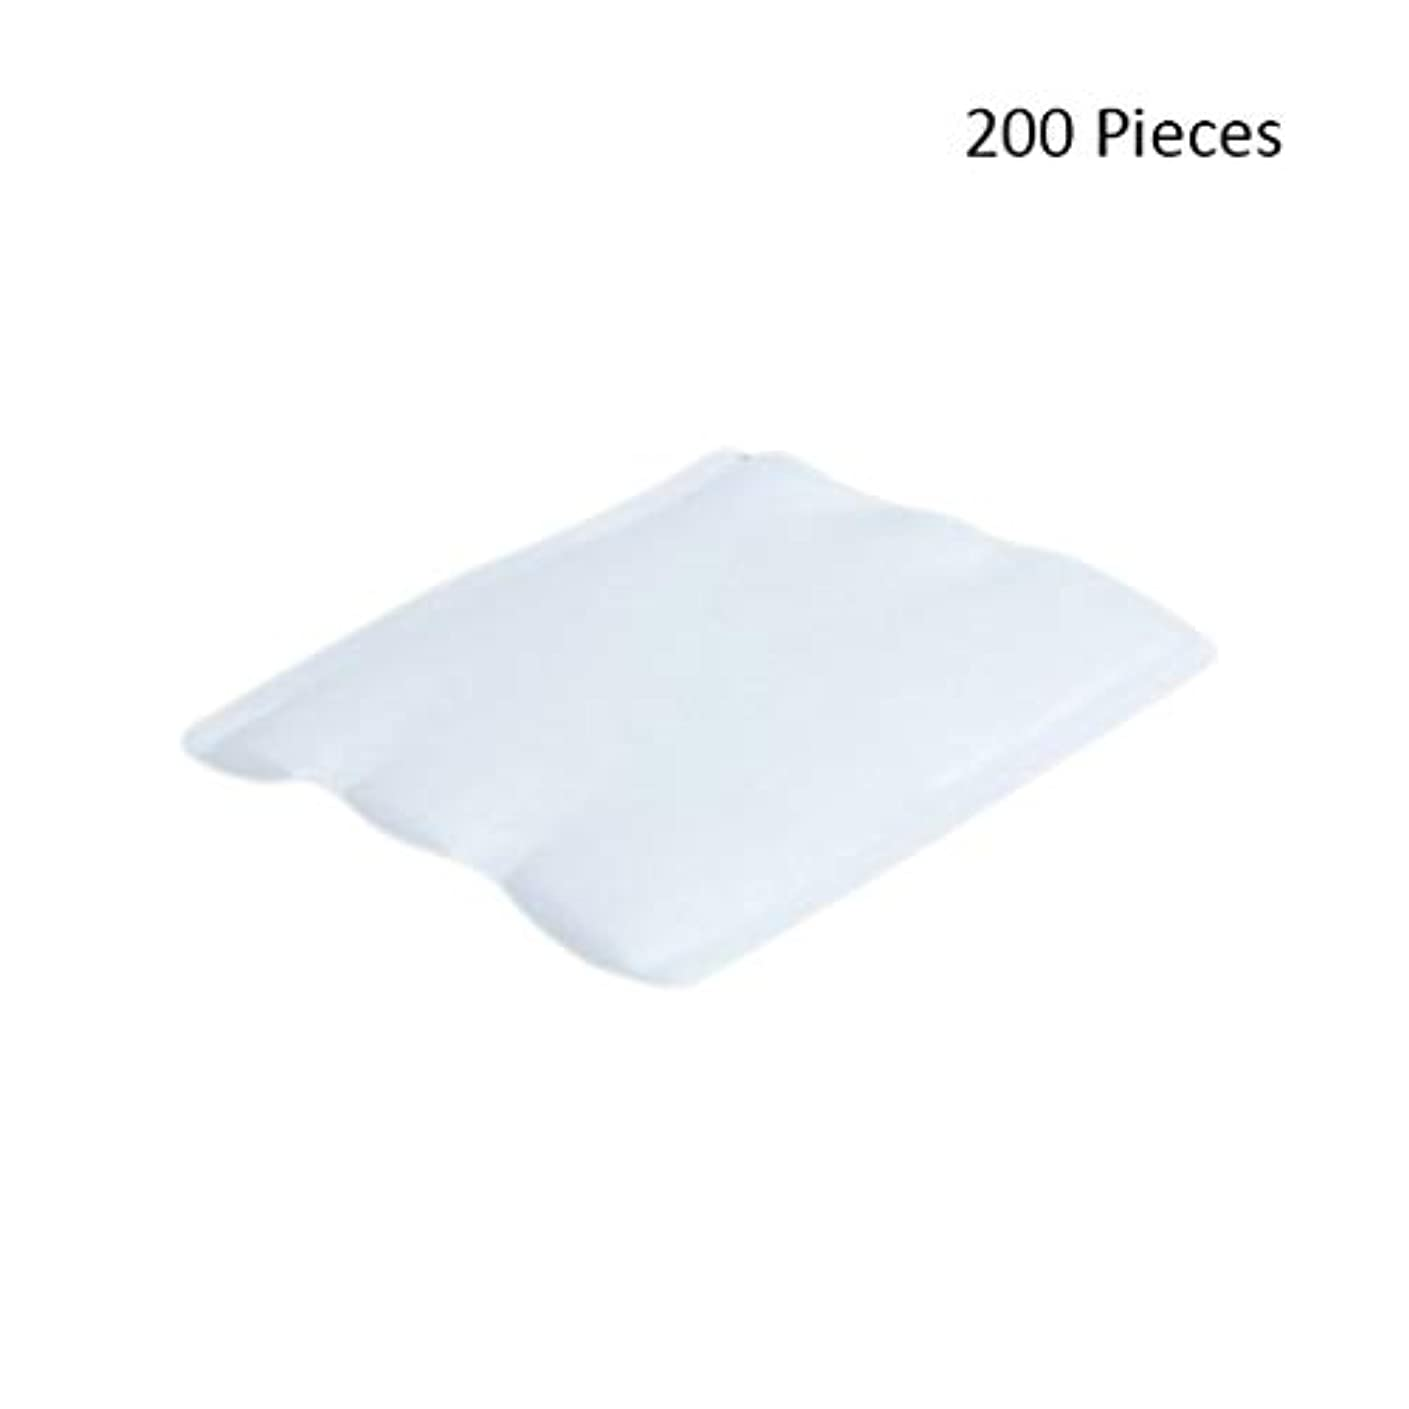 グループ引退した迫害する200ピースフェイスメイクアップリムーバーオーガニックフェイシャルクレンジングメイクアップ化粧品リムーバーワイプフェイスウォッシュスキンケアコットンパッド (Color : White, サイズ : 6*5cm)